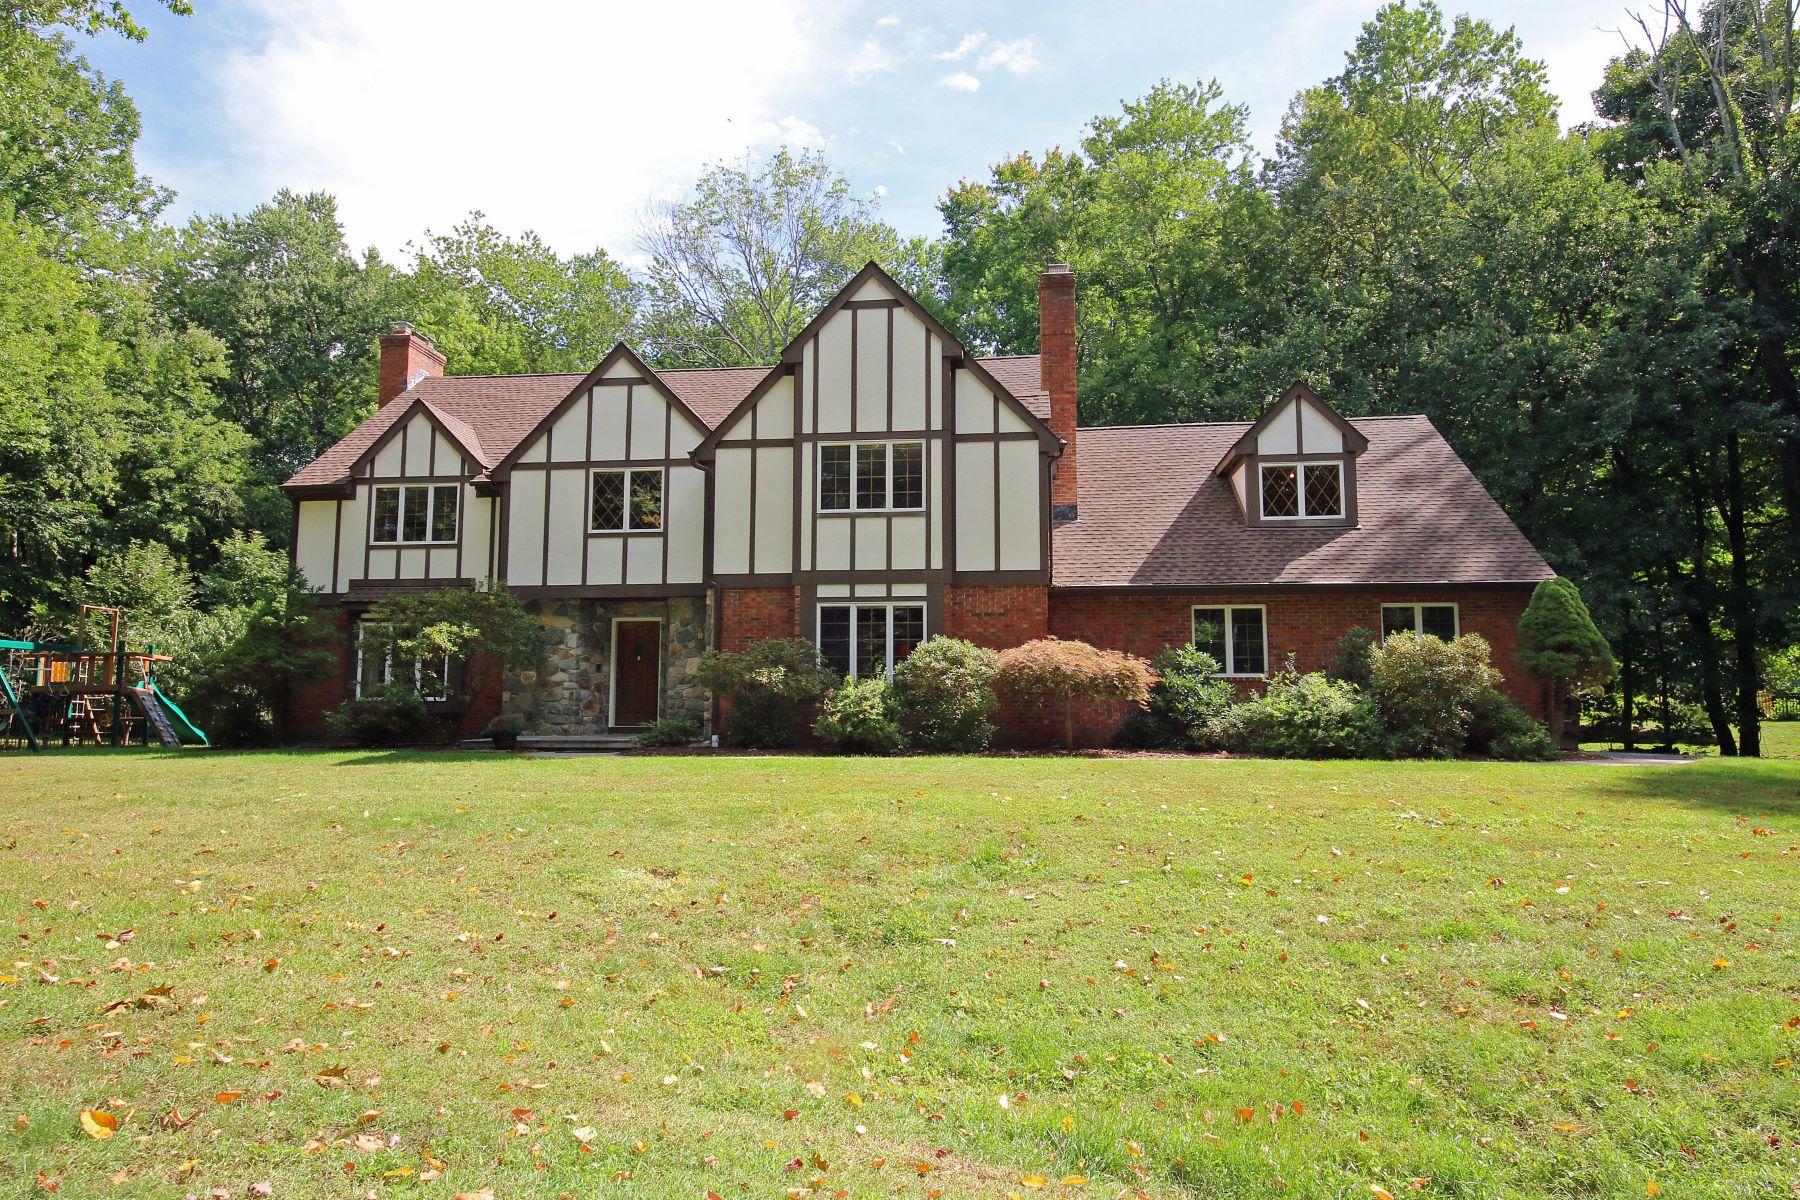 Частный односемейный дом для того Продажа на Stately Brick Tudor Style Home 3 Manor Road Brookfield, Коннектикут 06804 Соединенные Штаты